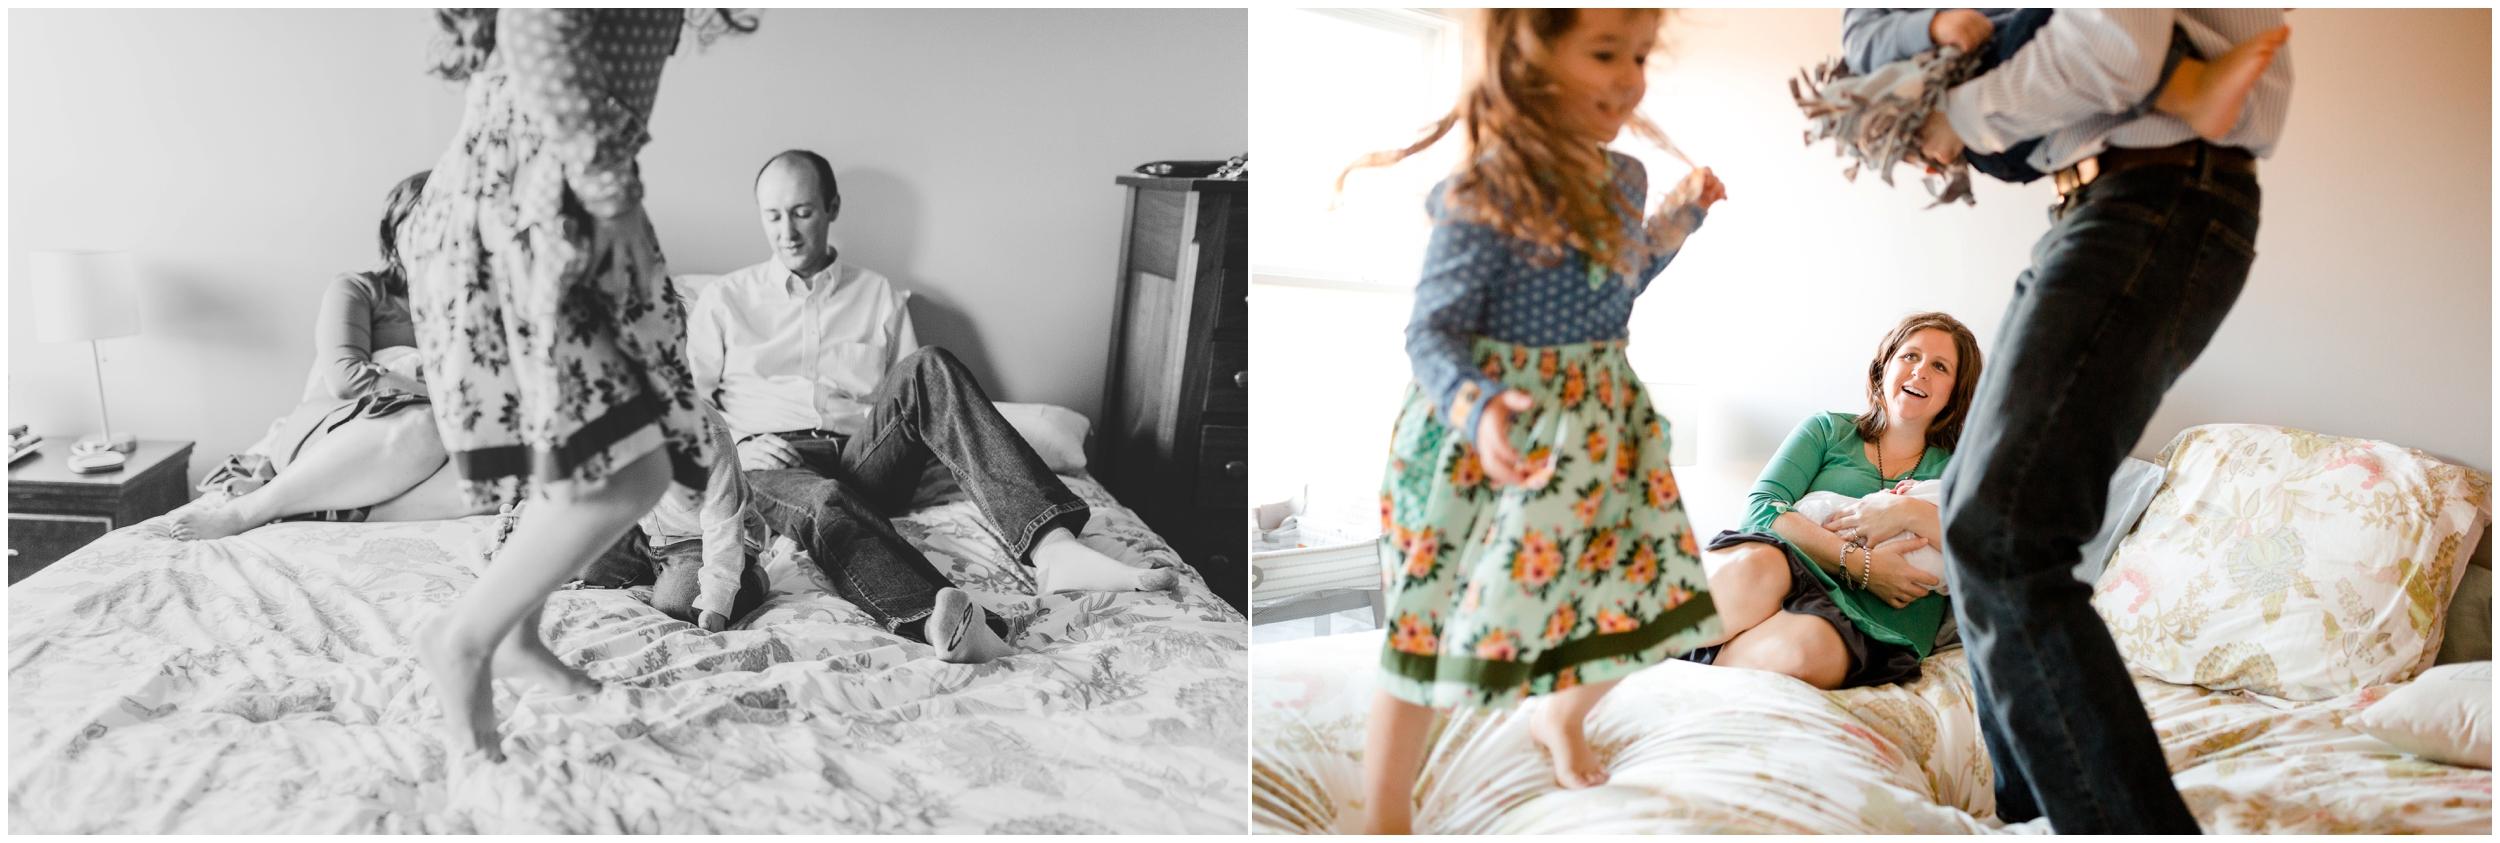 lexington-ky-family-lifestyle-photography-Priscilla-Baierlein-Photography_0221.jpg